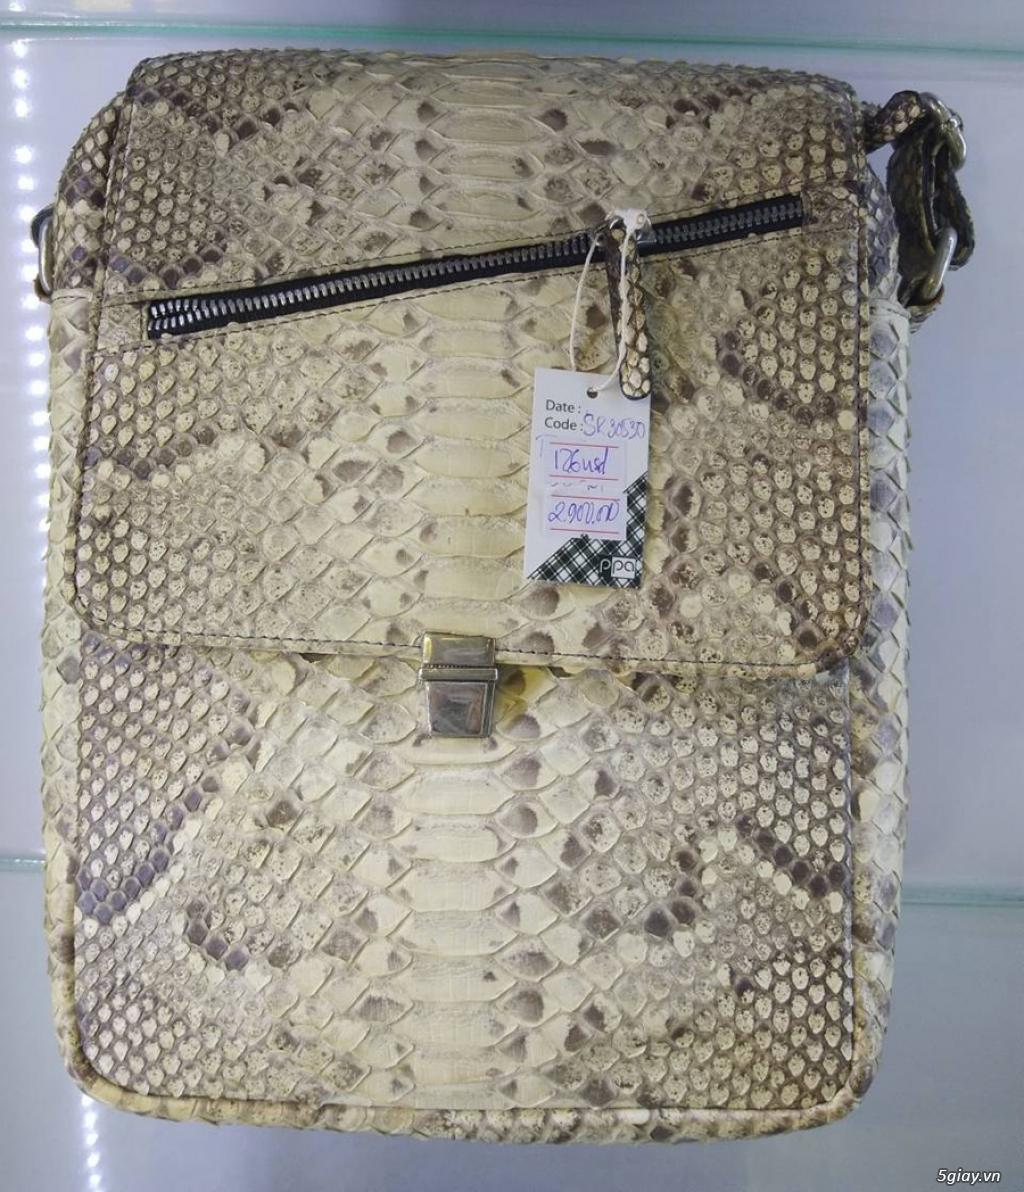 Thanh lý túi xách da đà điểu, da bò, da trăn, da cá sấu thật 100% - 17